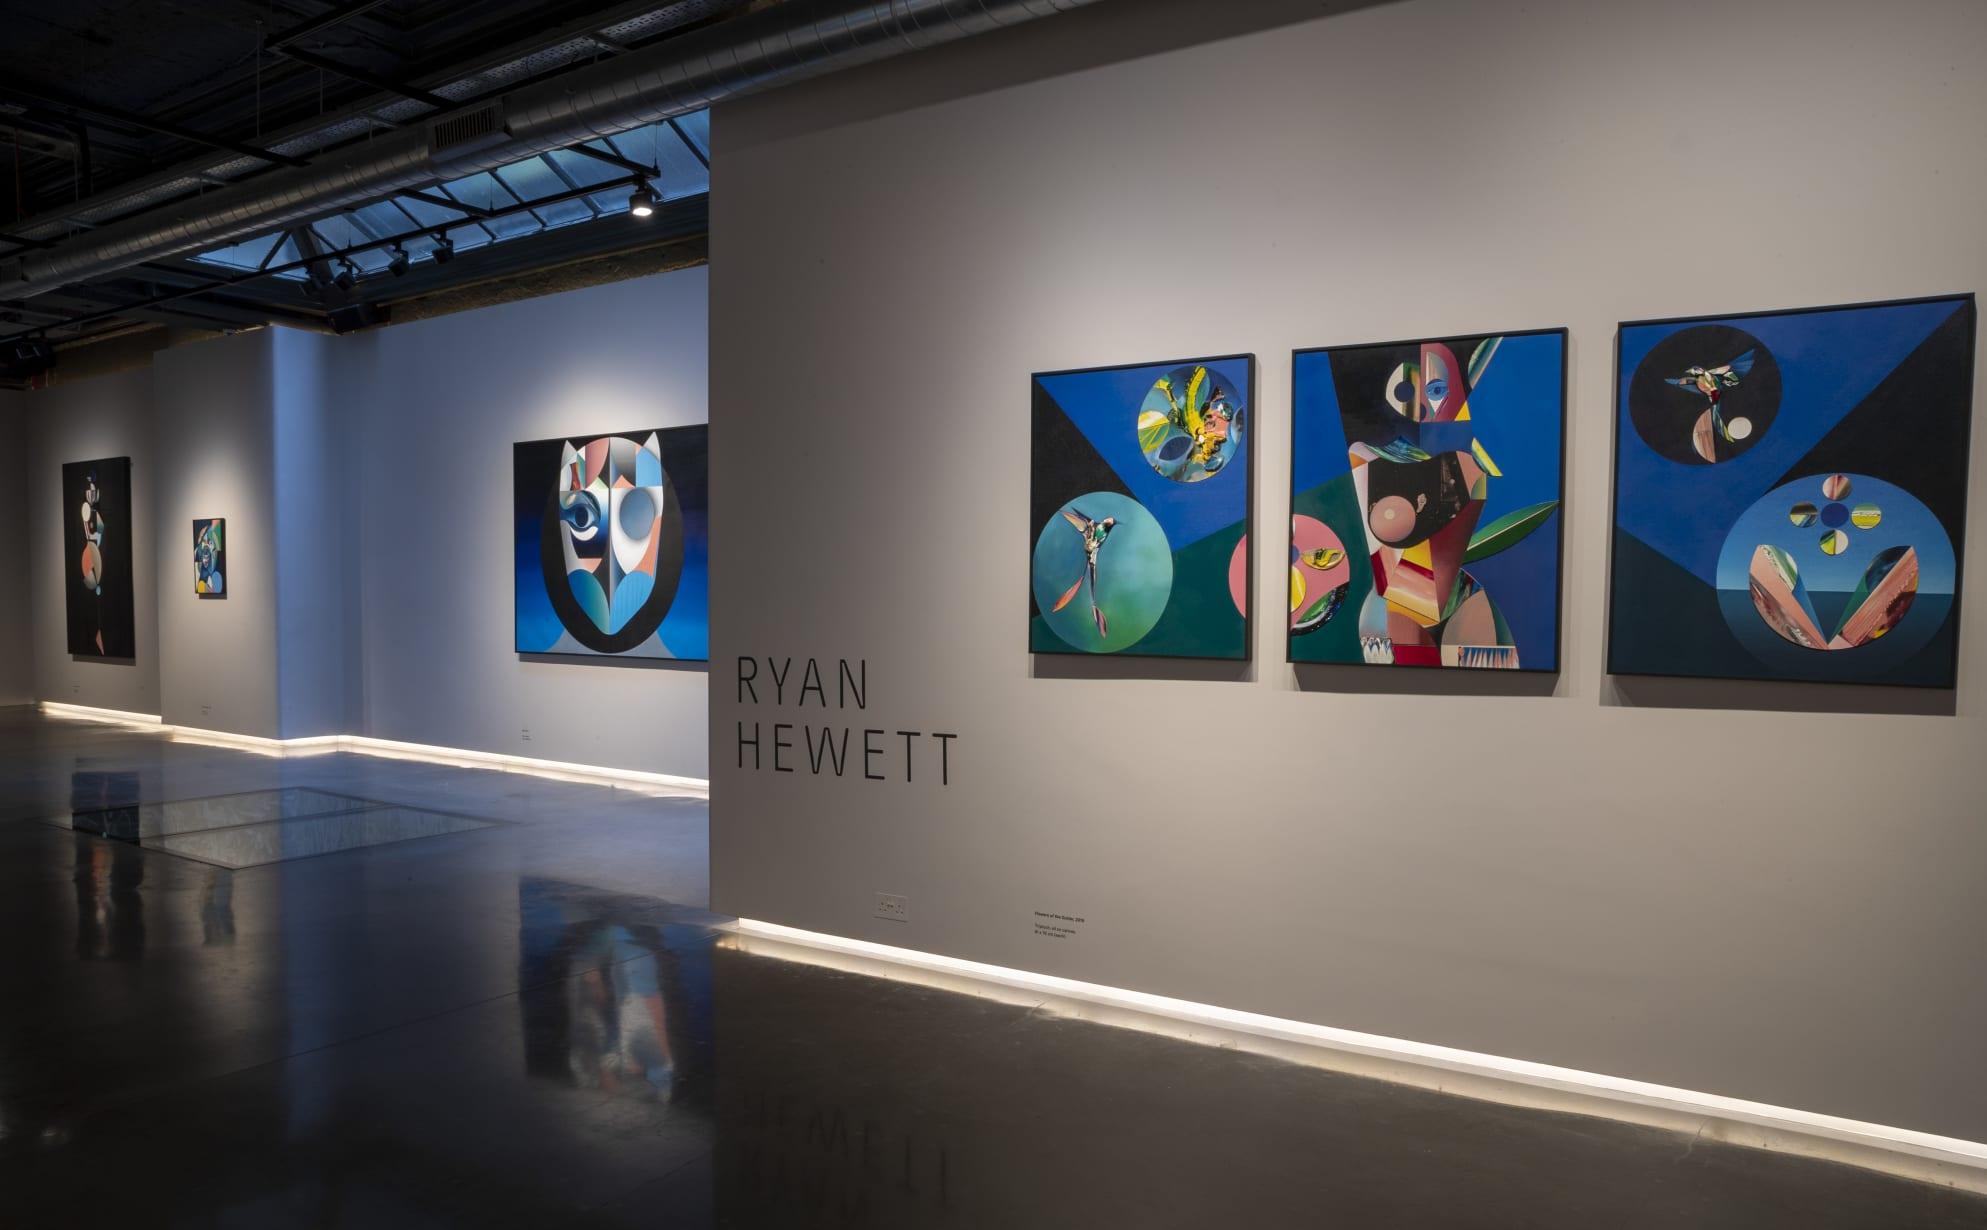 Ryanhewett Newpaintings Install Lucyemms9284 4